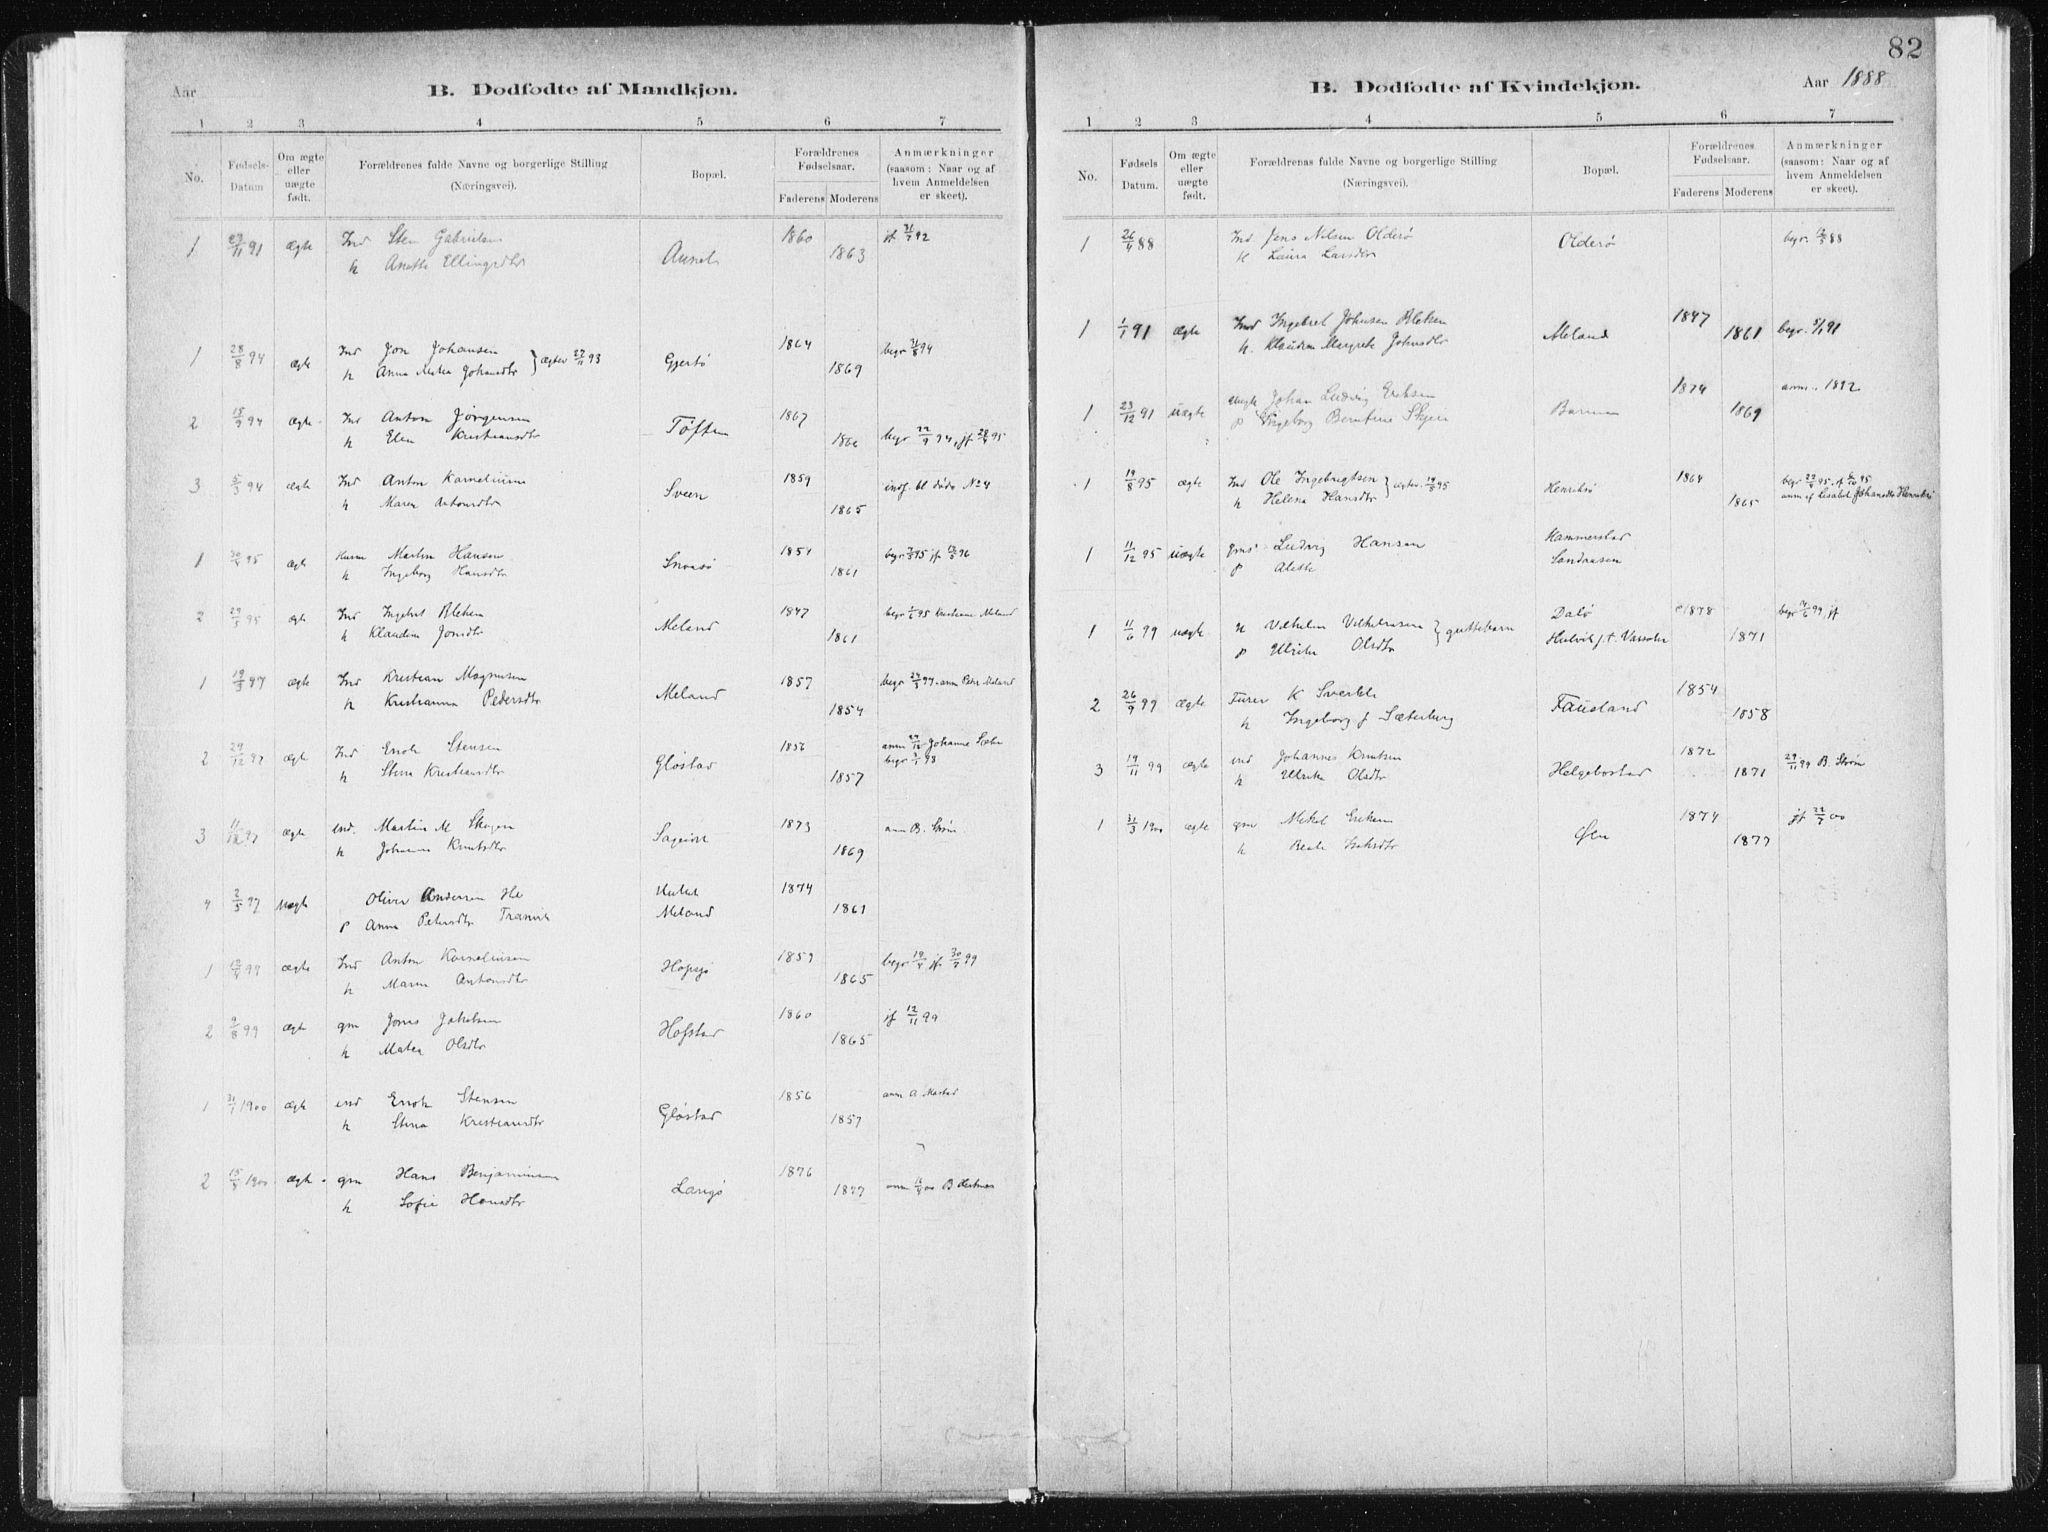 SAT, Ministerialprotokoller, klokkerbøker og fødselsregistre - Sør-Trøndelag, 634/L0533: Ministerialbok nr. 634A09, 1882-1901, s. 82